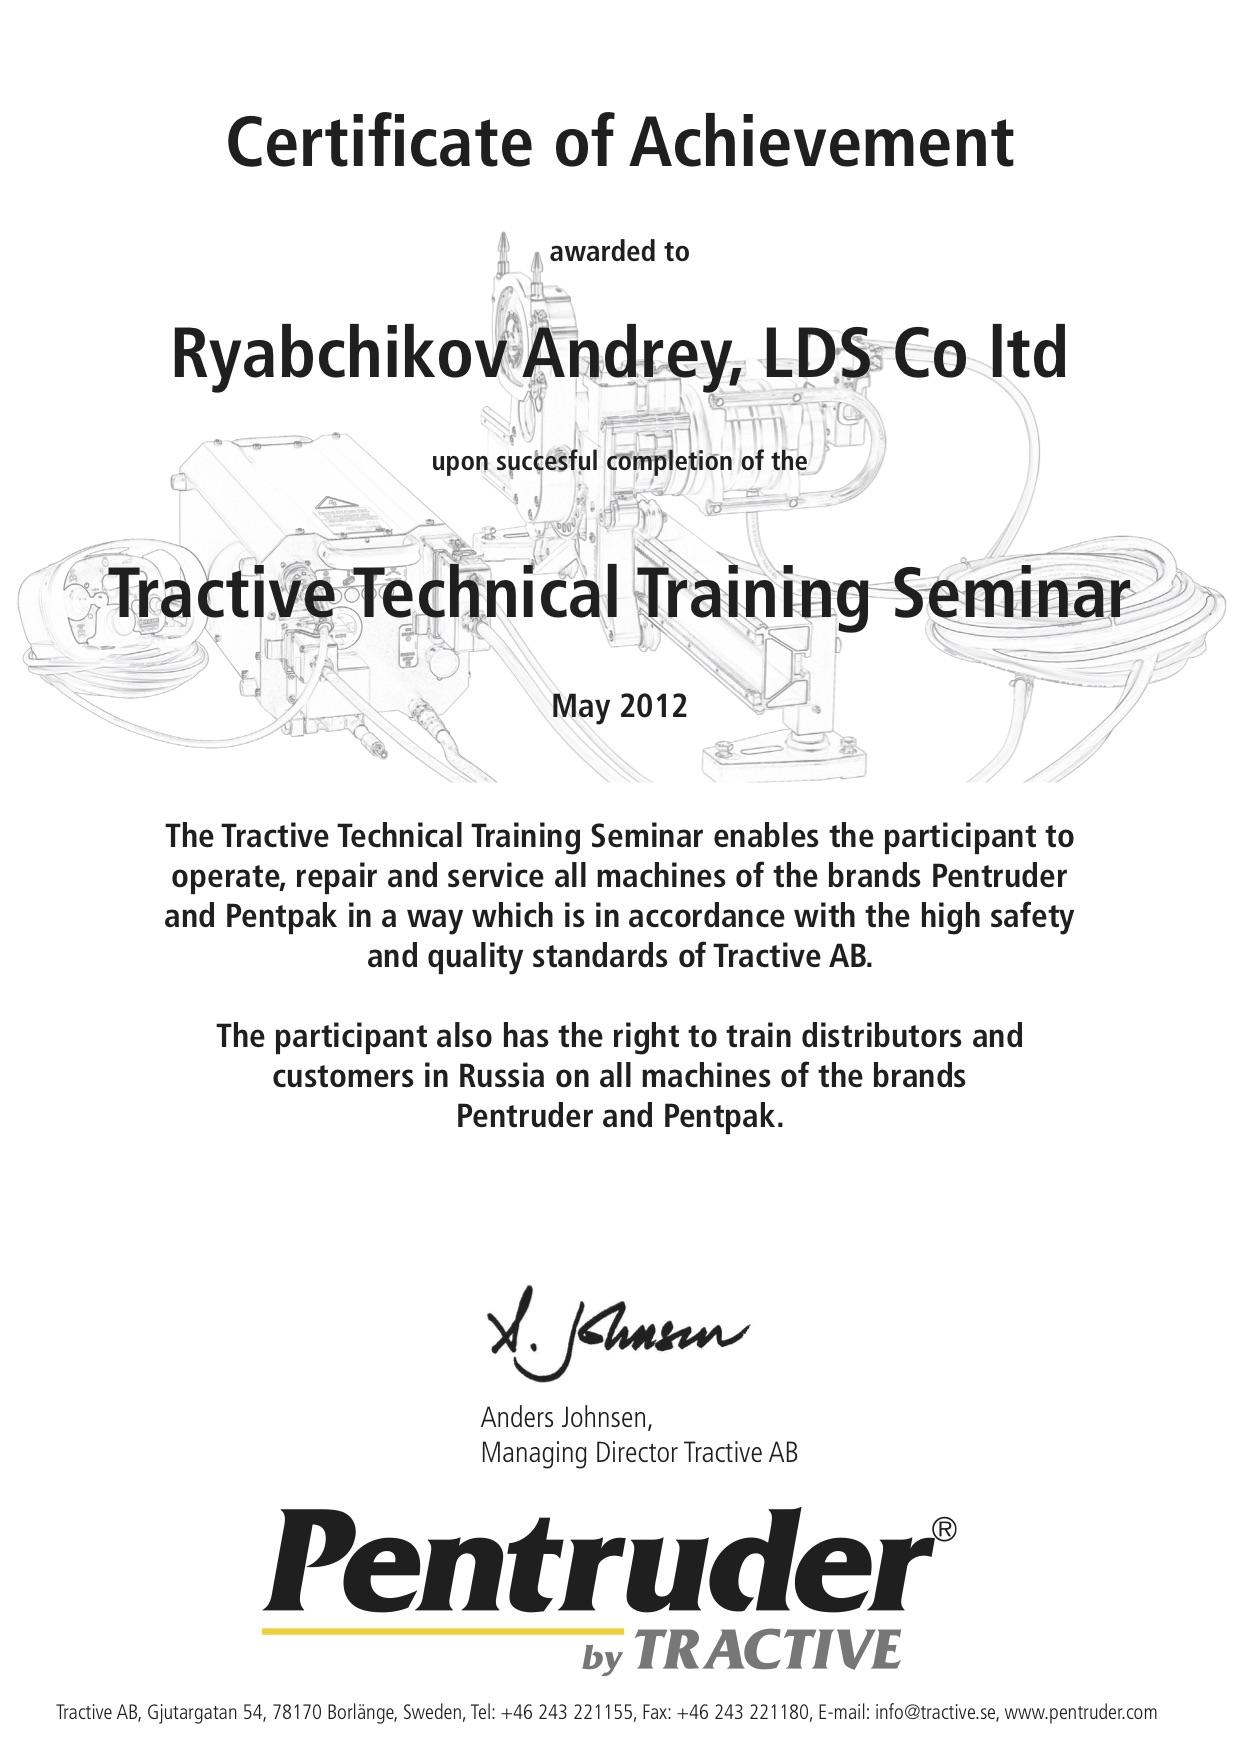 Сертификат дистрибьютора Pentruder